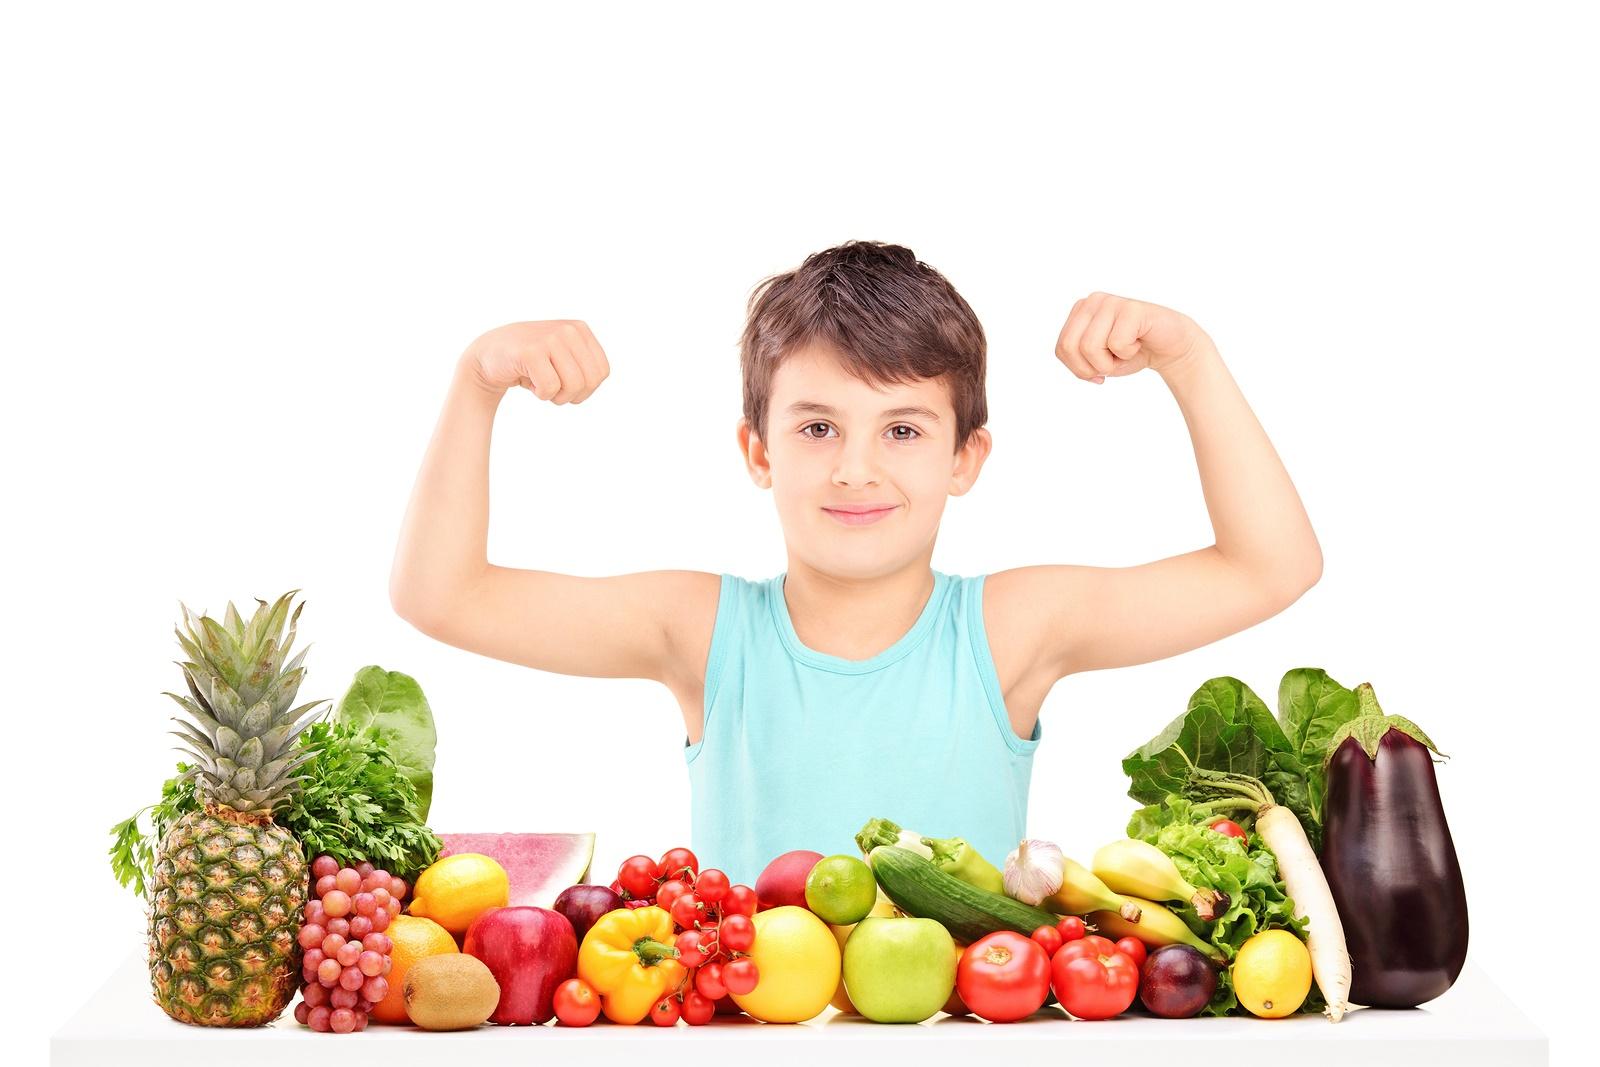 تقویت کننده استخوان کودکان